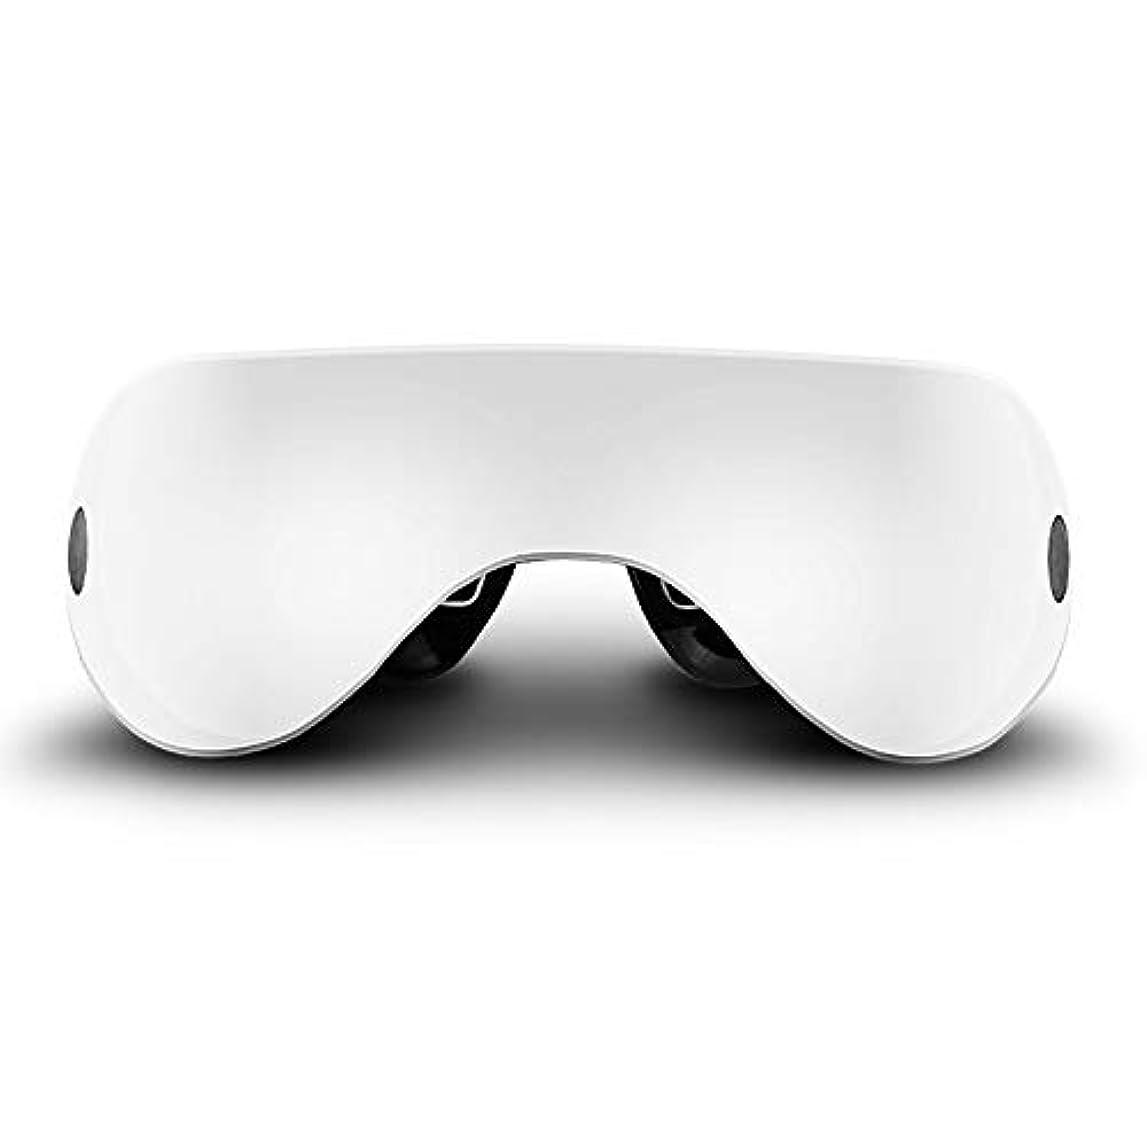 こしょう奨励マスクJJYPY 電動アイマッサージャー、目の疲労のためのワイヤレス充電式アイマッサージャードライアイストレスリリーフ (Color : White)